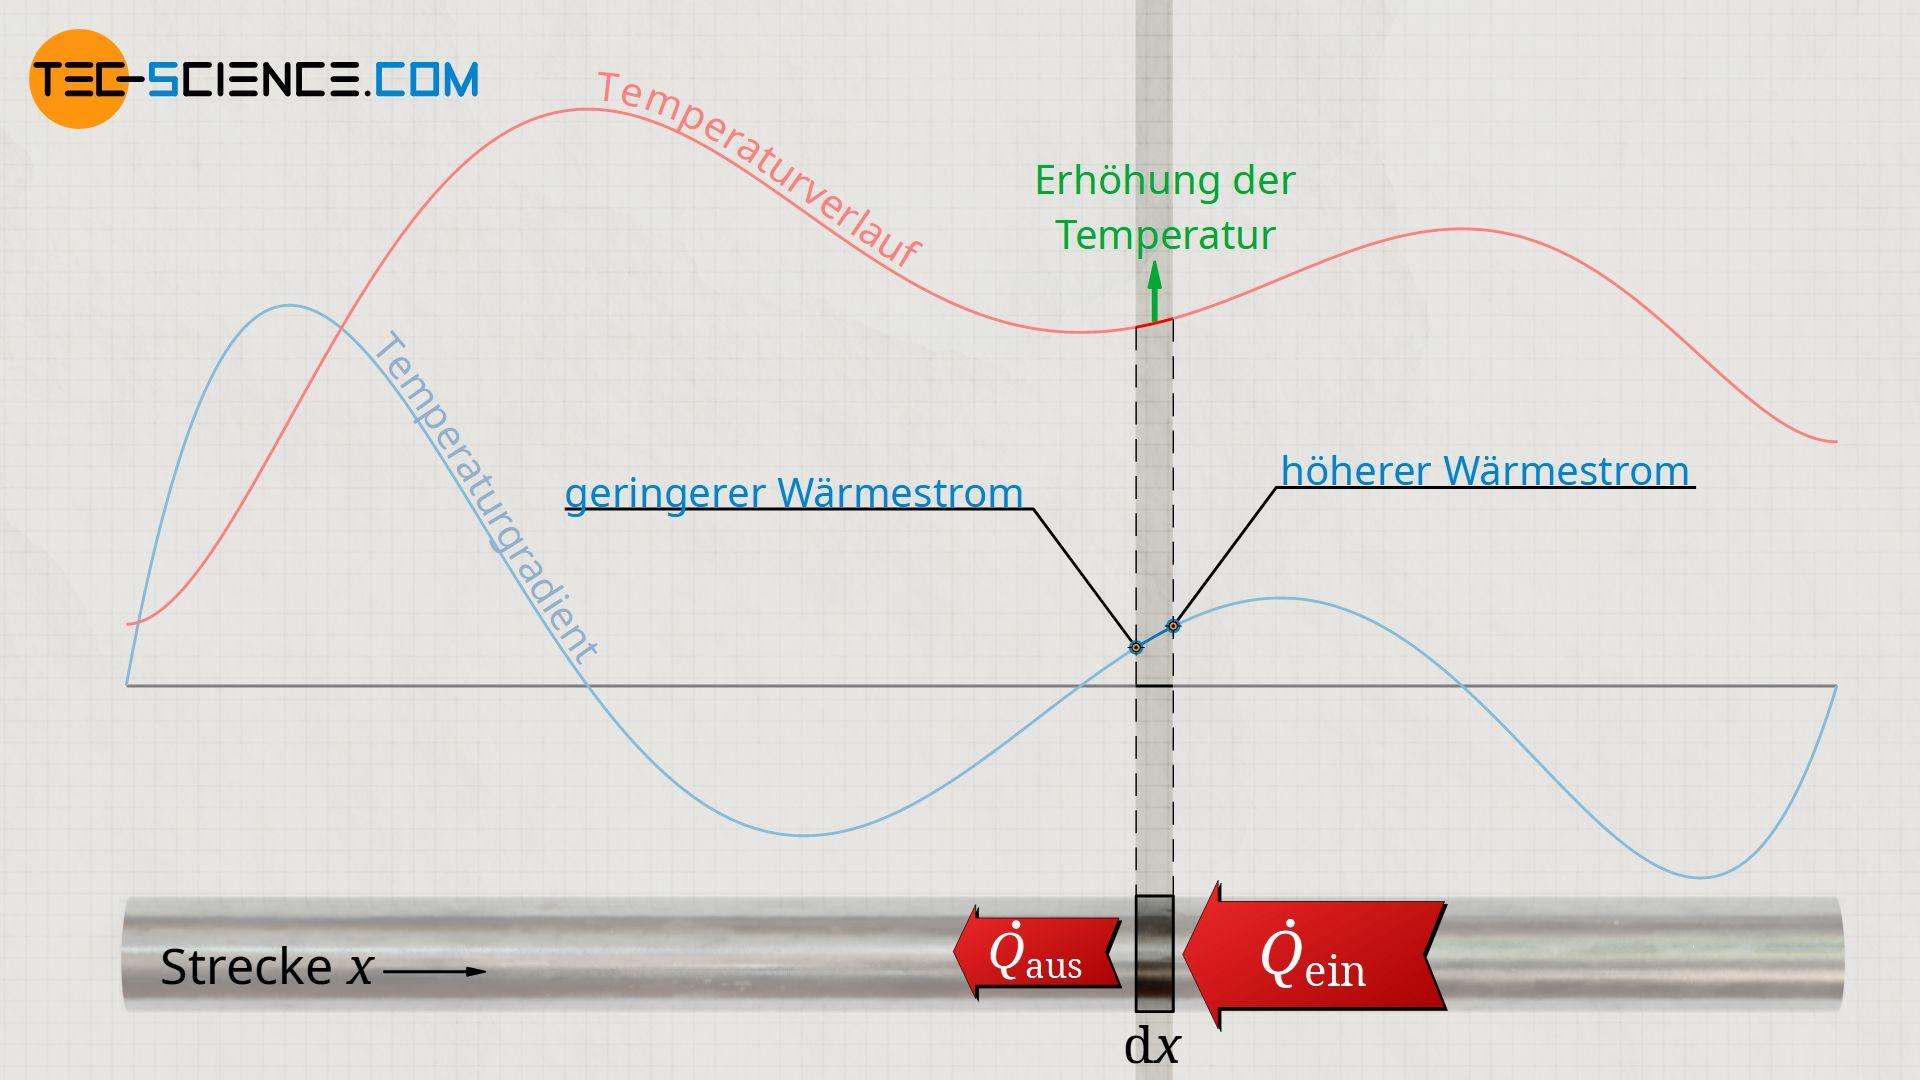 Zunahme der Temperatur durch Zunahme des Temperaturgradienten